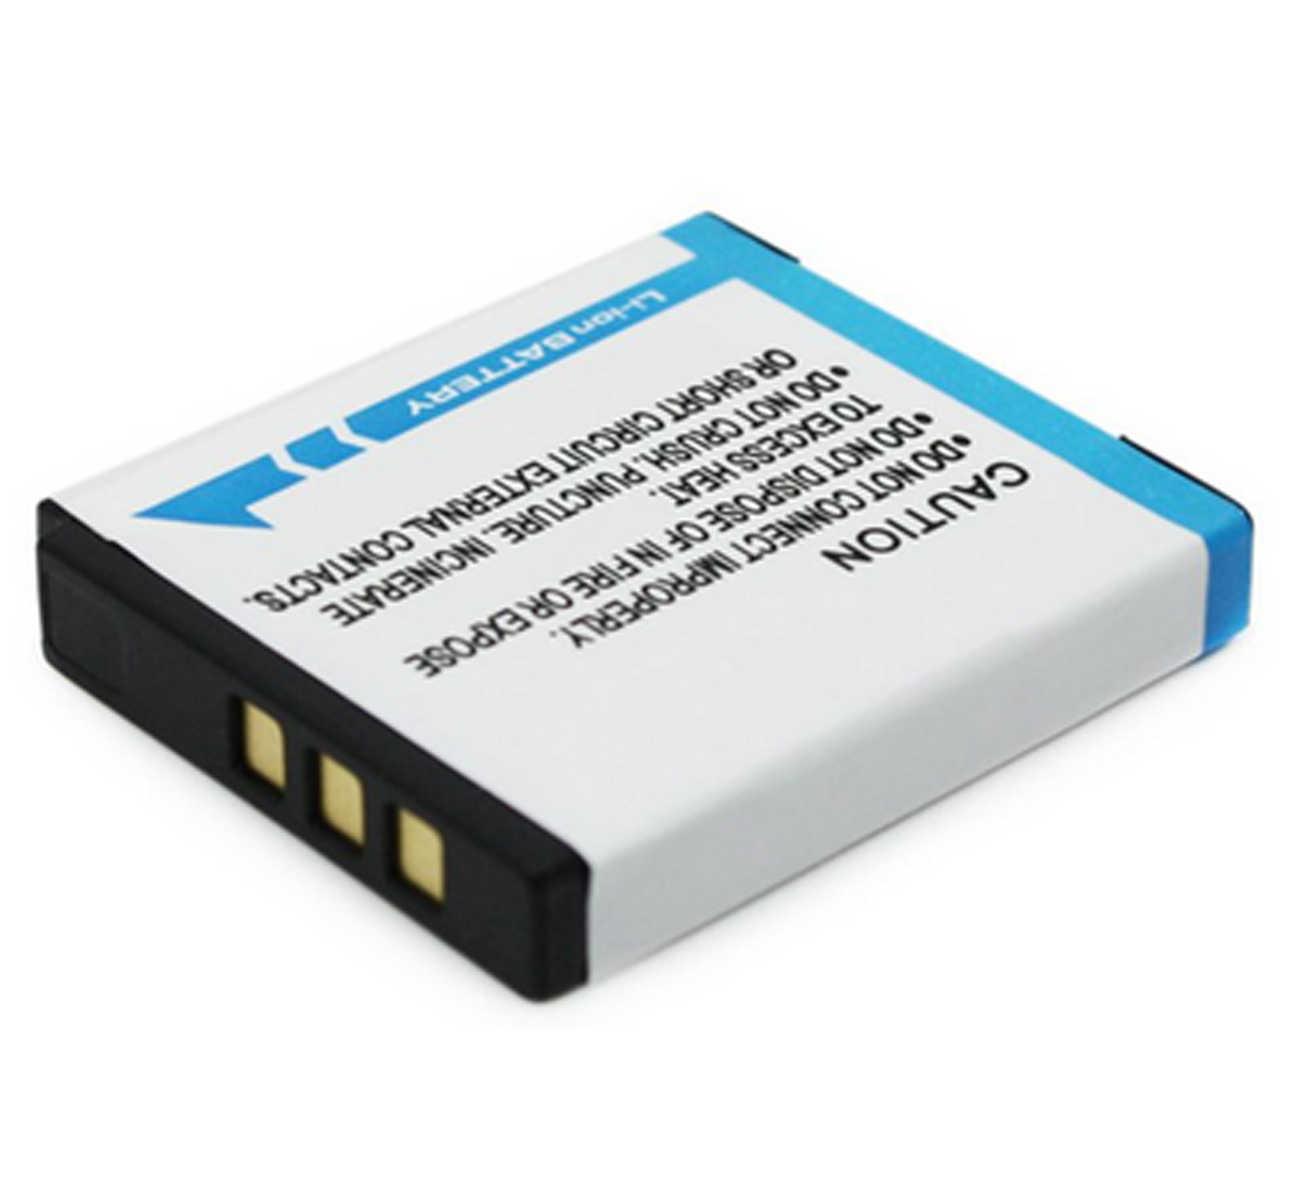 Paquete de baterías para Fujifilm NP-50, NP50, NP-50A, NP50A y Kodak KLIC-7004, KLIC7004 litio-ion recargable